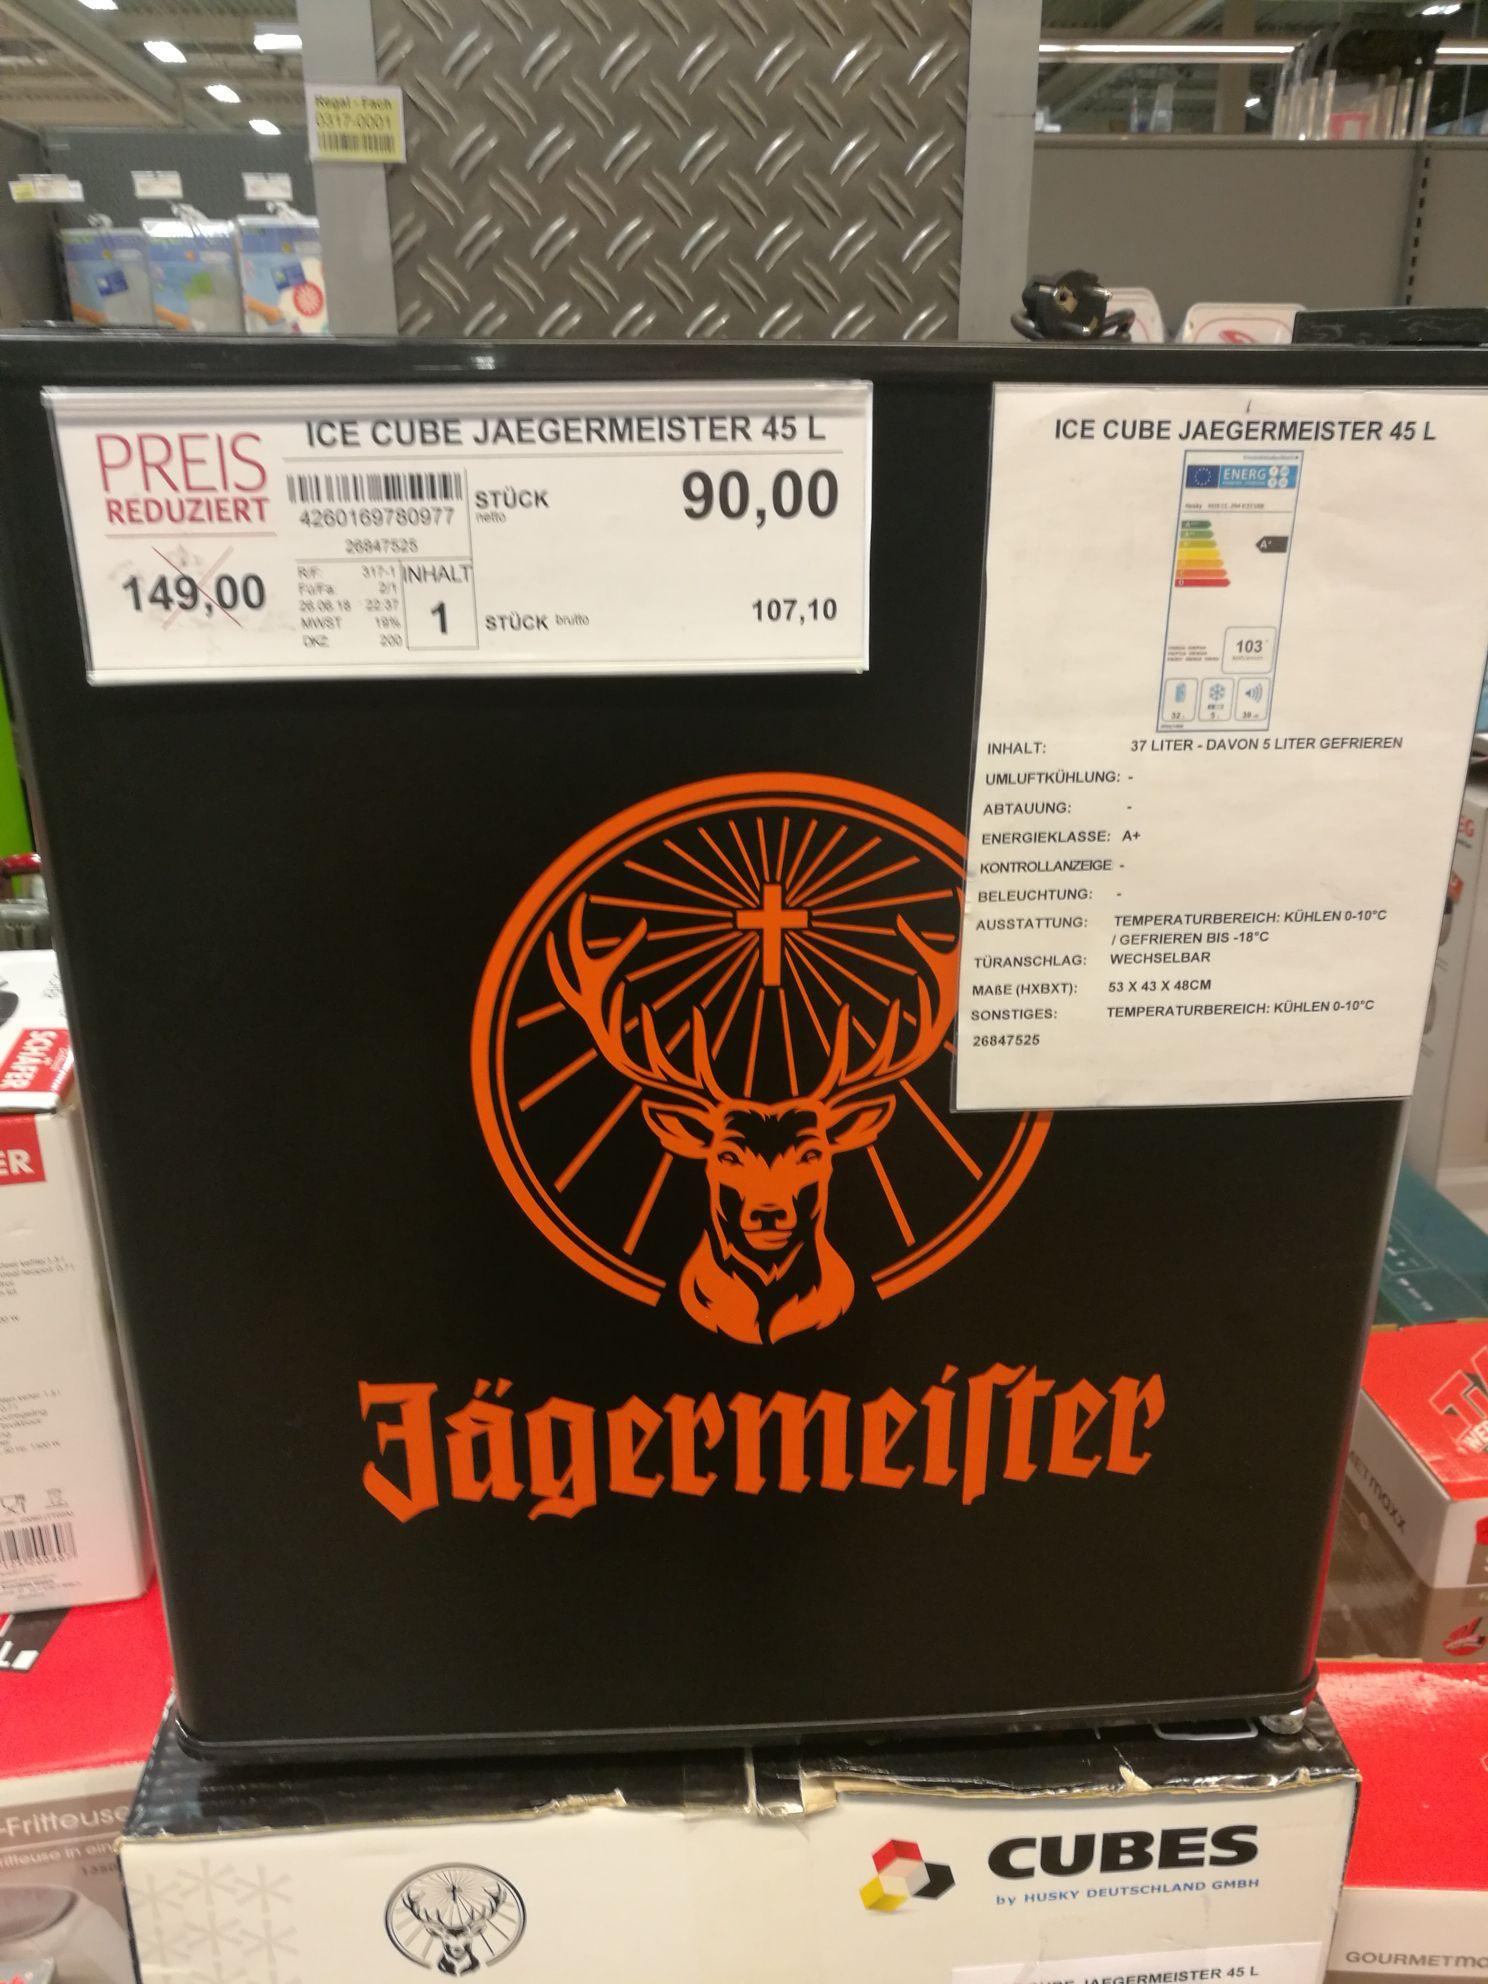 Jägermeister 45l Kühlschrank @Selgros Mannheim